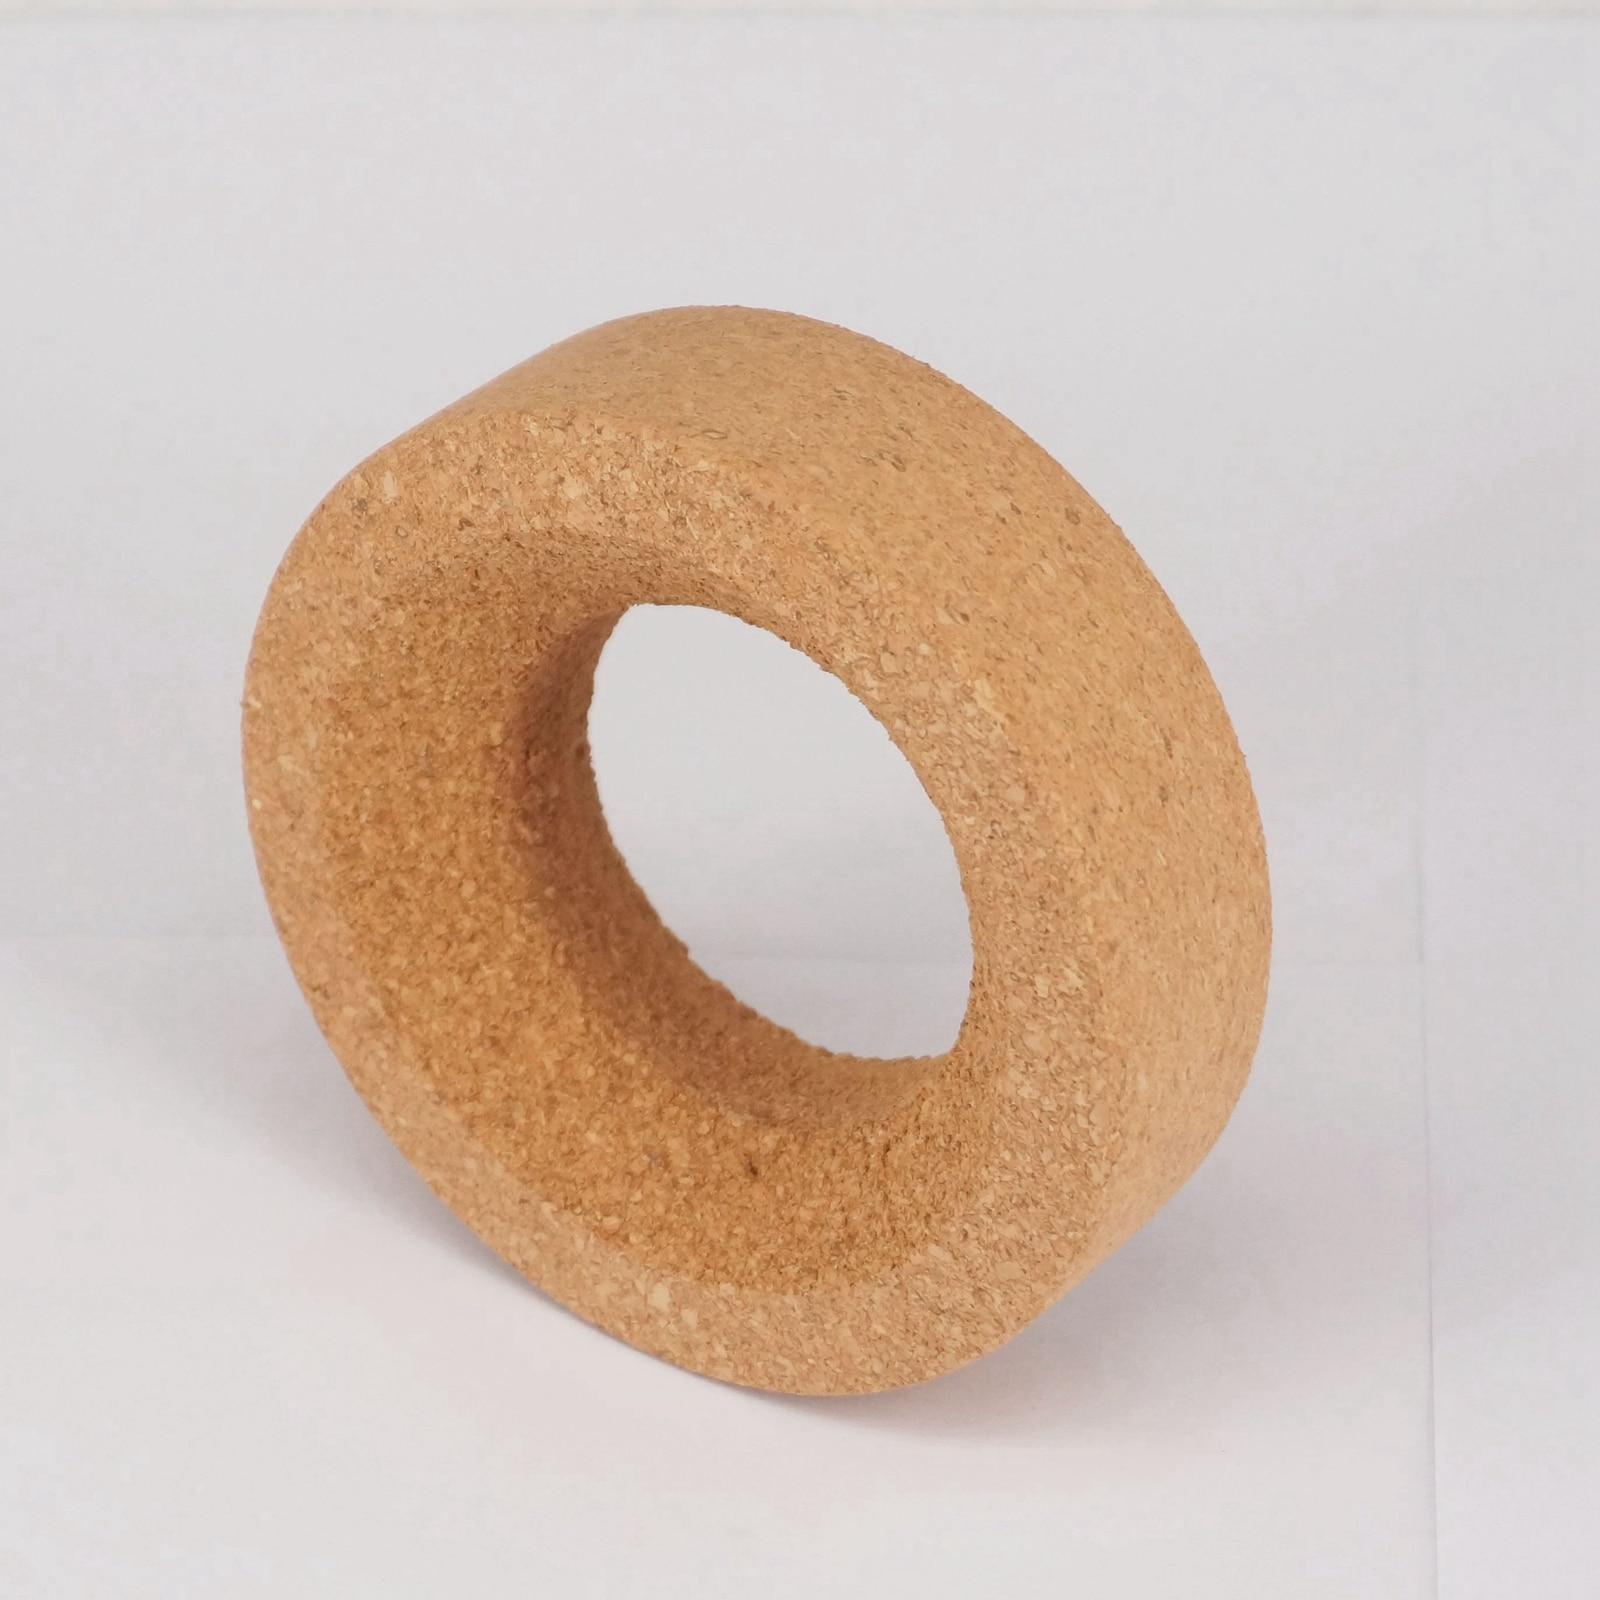 Soporte de anillo de corcho sintético de laboratorio de 110mm de diámetro para frasco de fondo redondo 250 ml-2000 ml